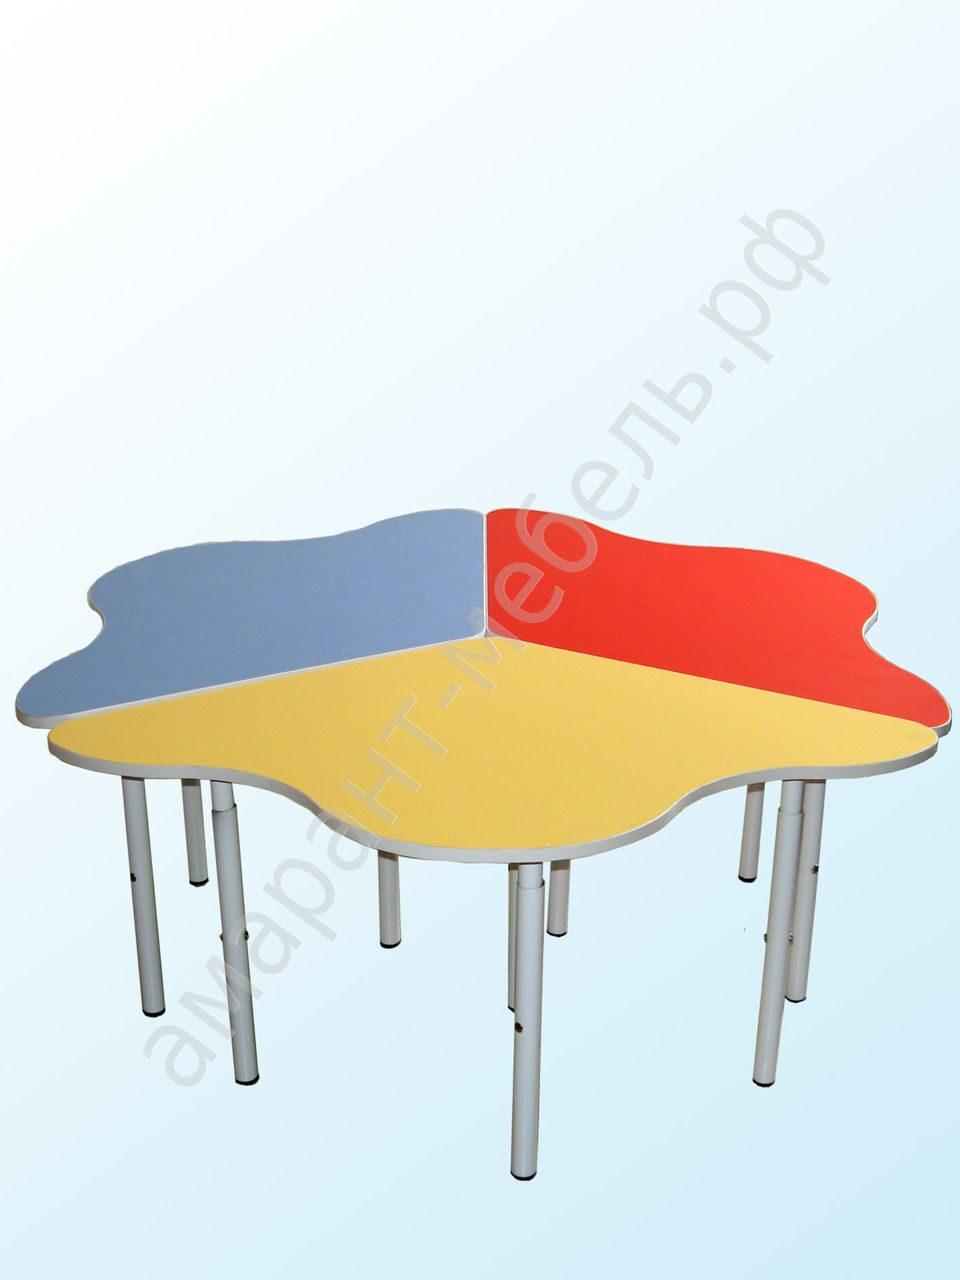 Столы для детского сада - 1250 руб. объявление в ростове-на.